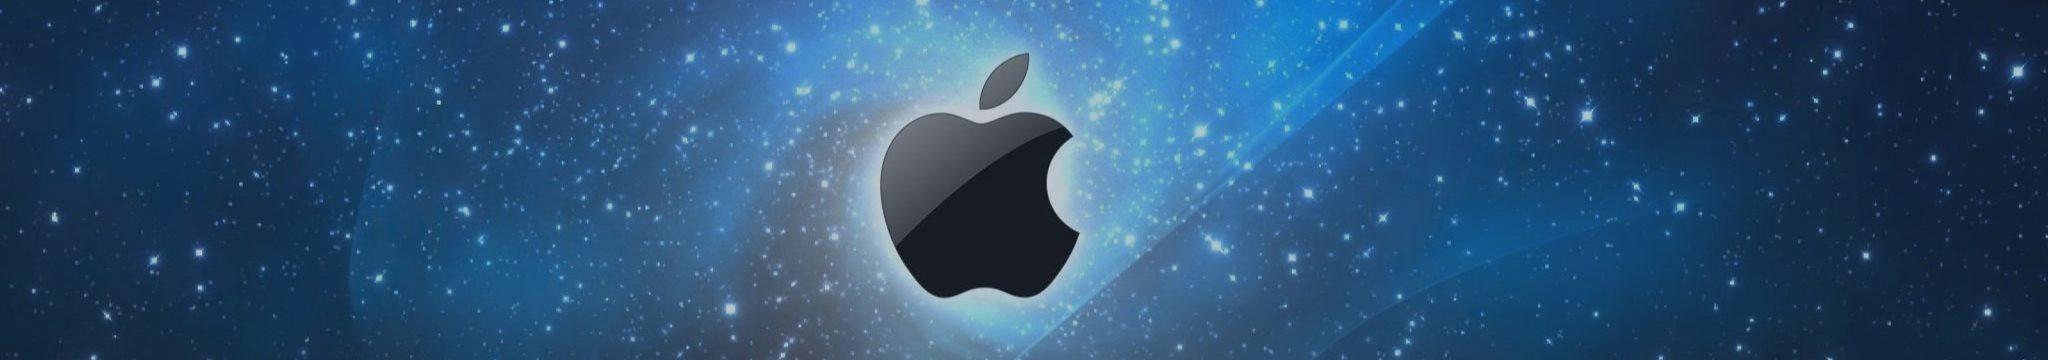 苹果iPad后劲不足,第三季度销量下滑